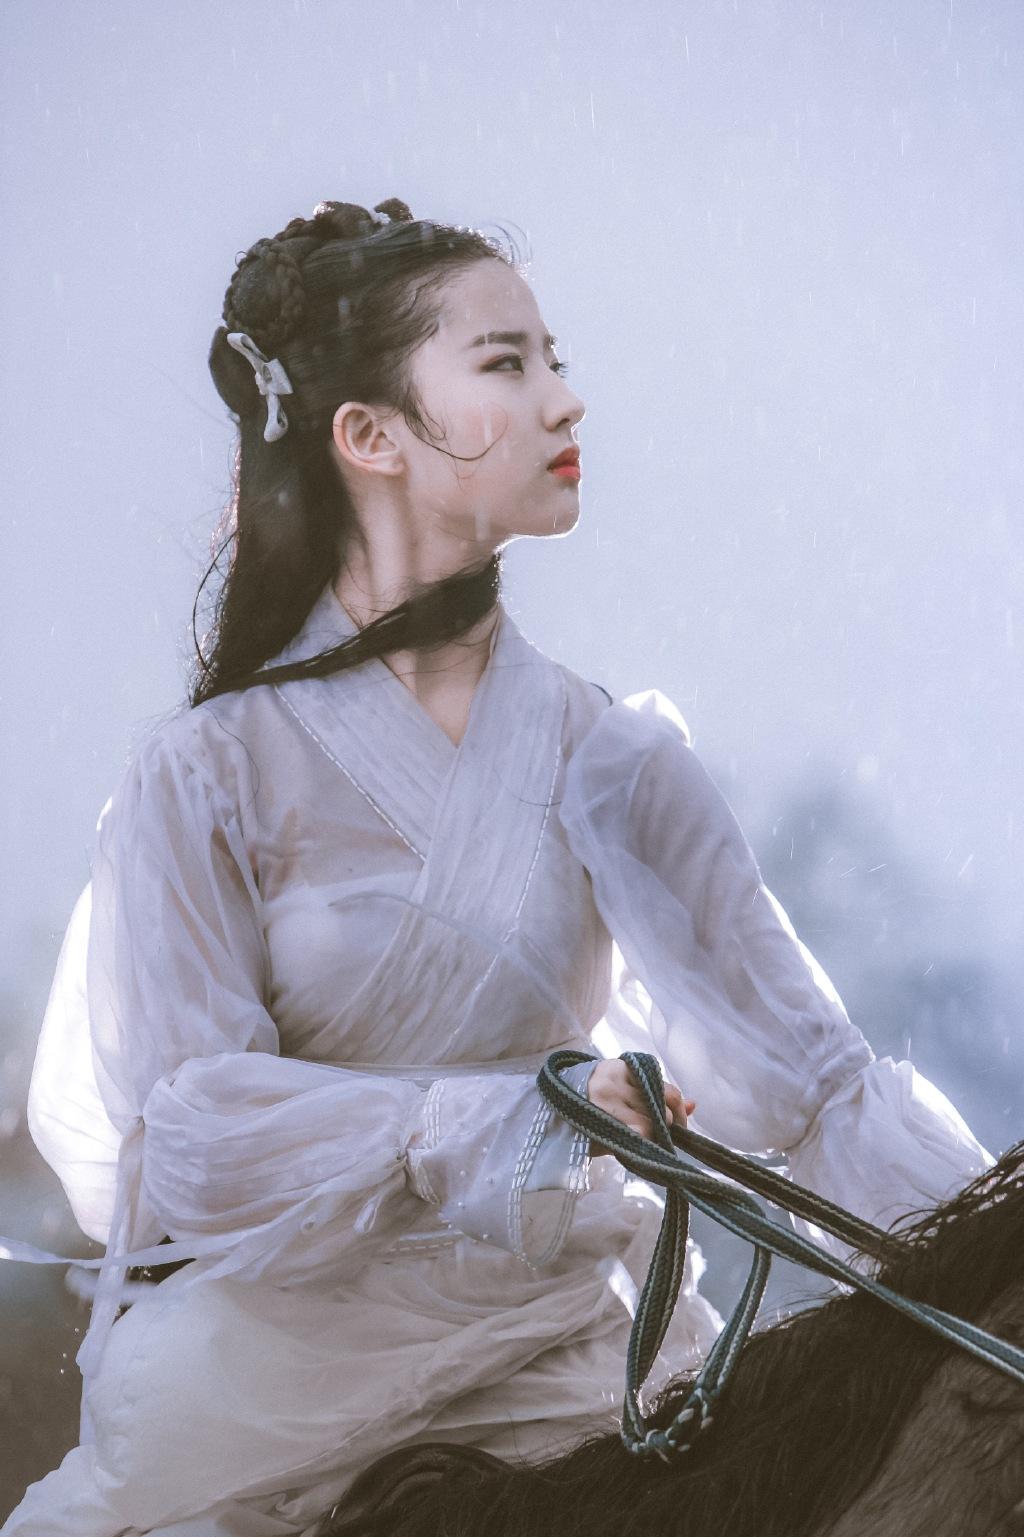 刘亦菲太好看了 真的太好看了!  福利吧 第5张